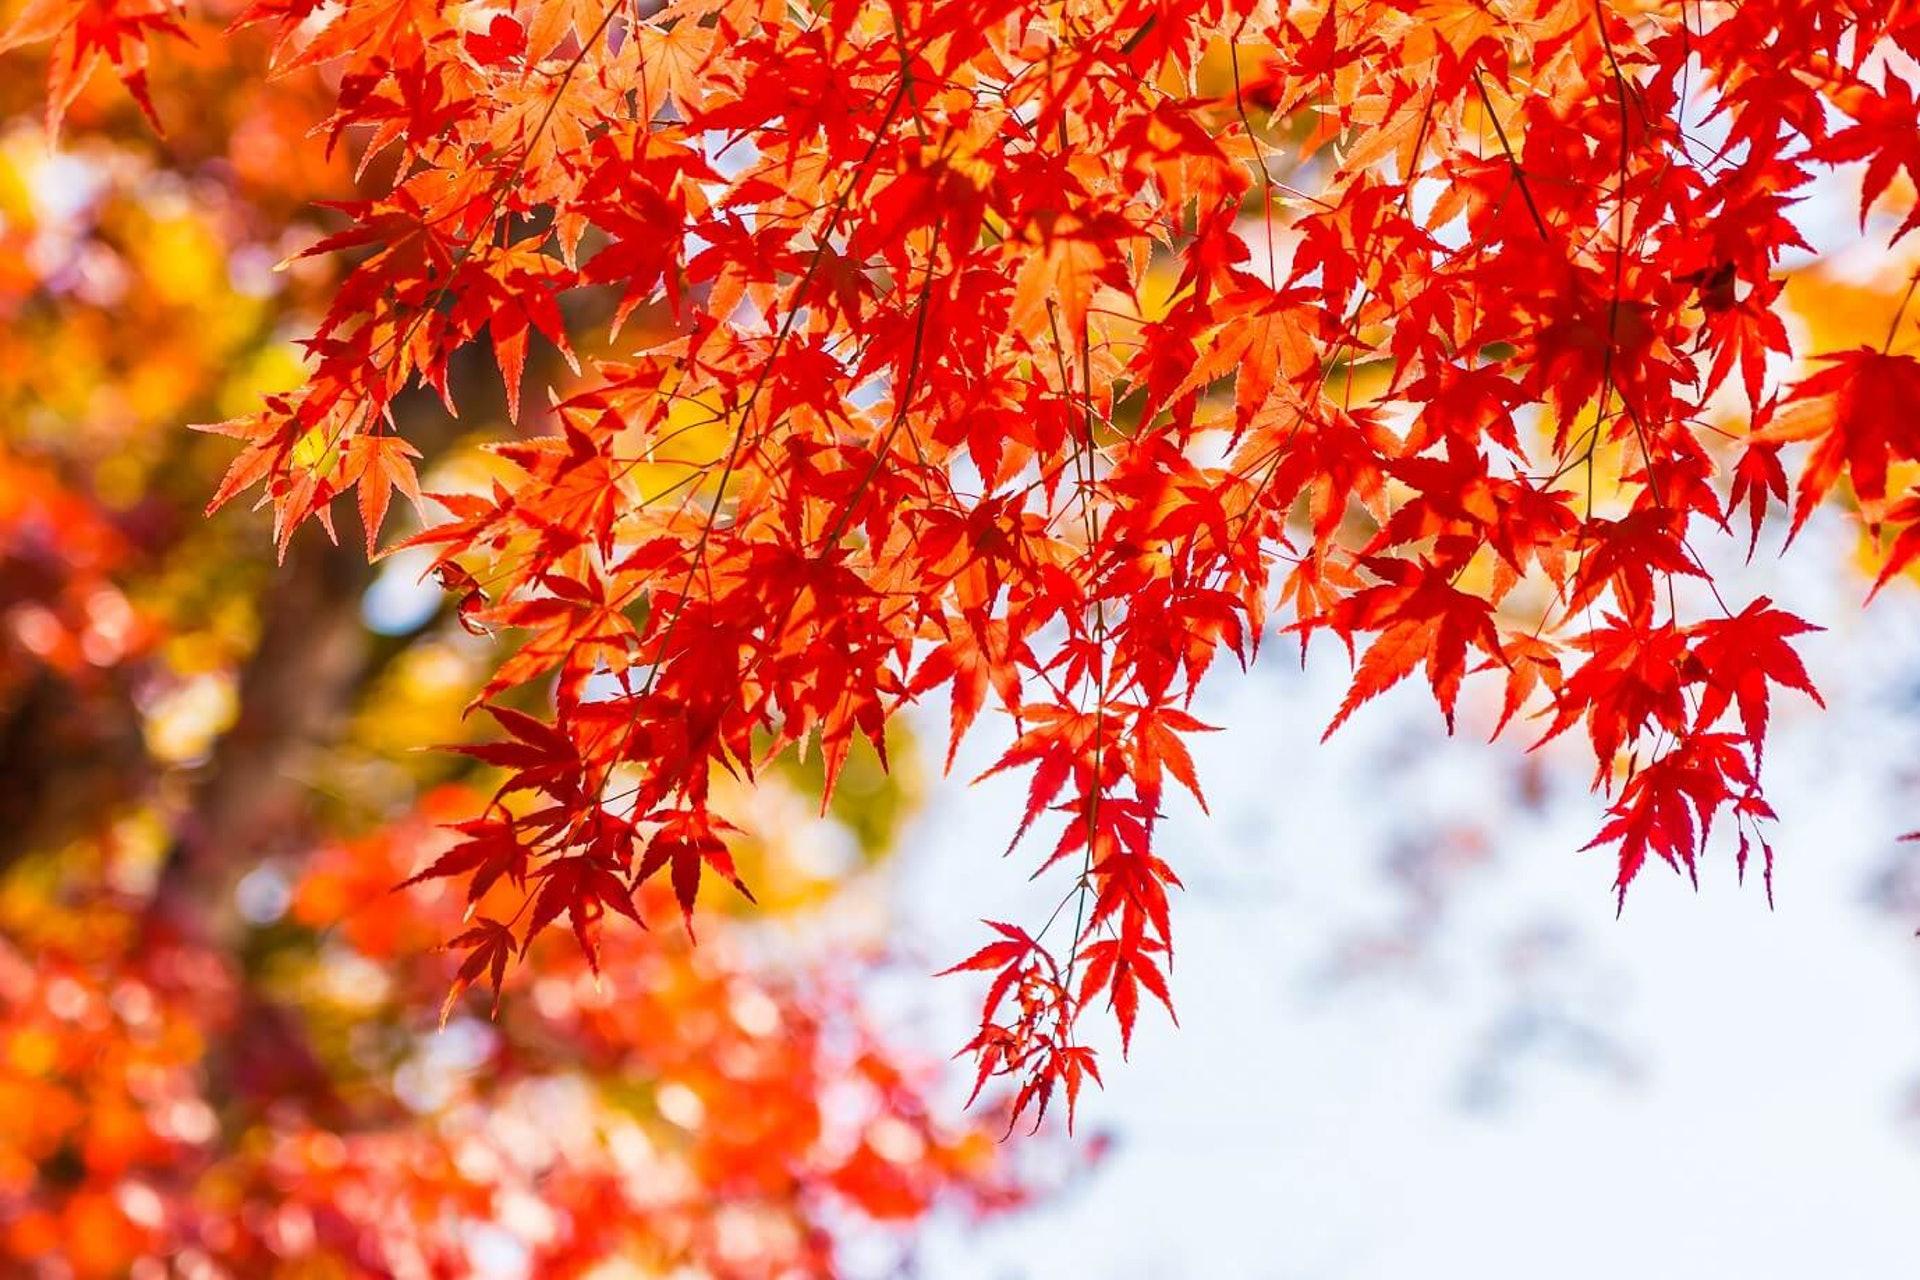 廿四節氣的「秋分」是秋天的中間點。踏入秋分後,「涼冷」和「乾燥」這兩大秋季特性變得更明顯。(圖片:iqhealth)